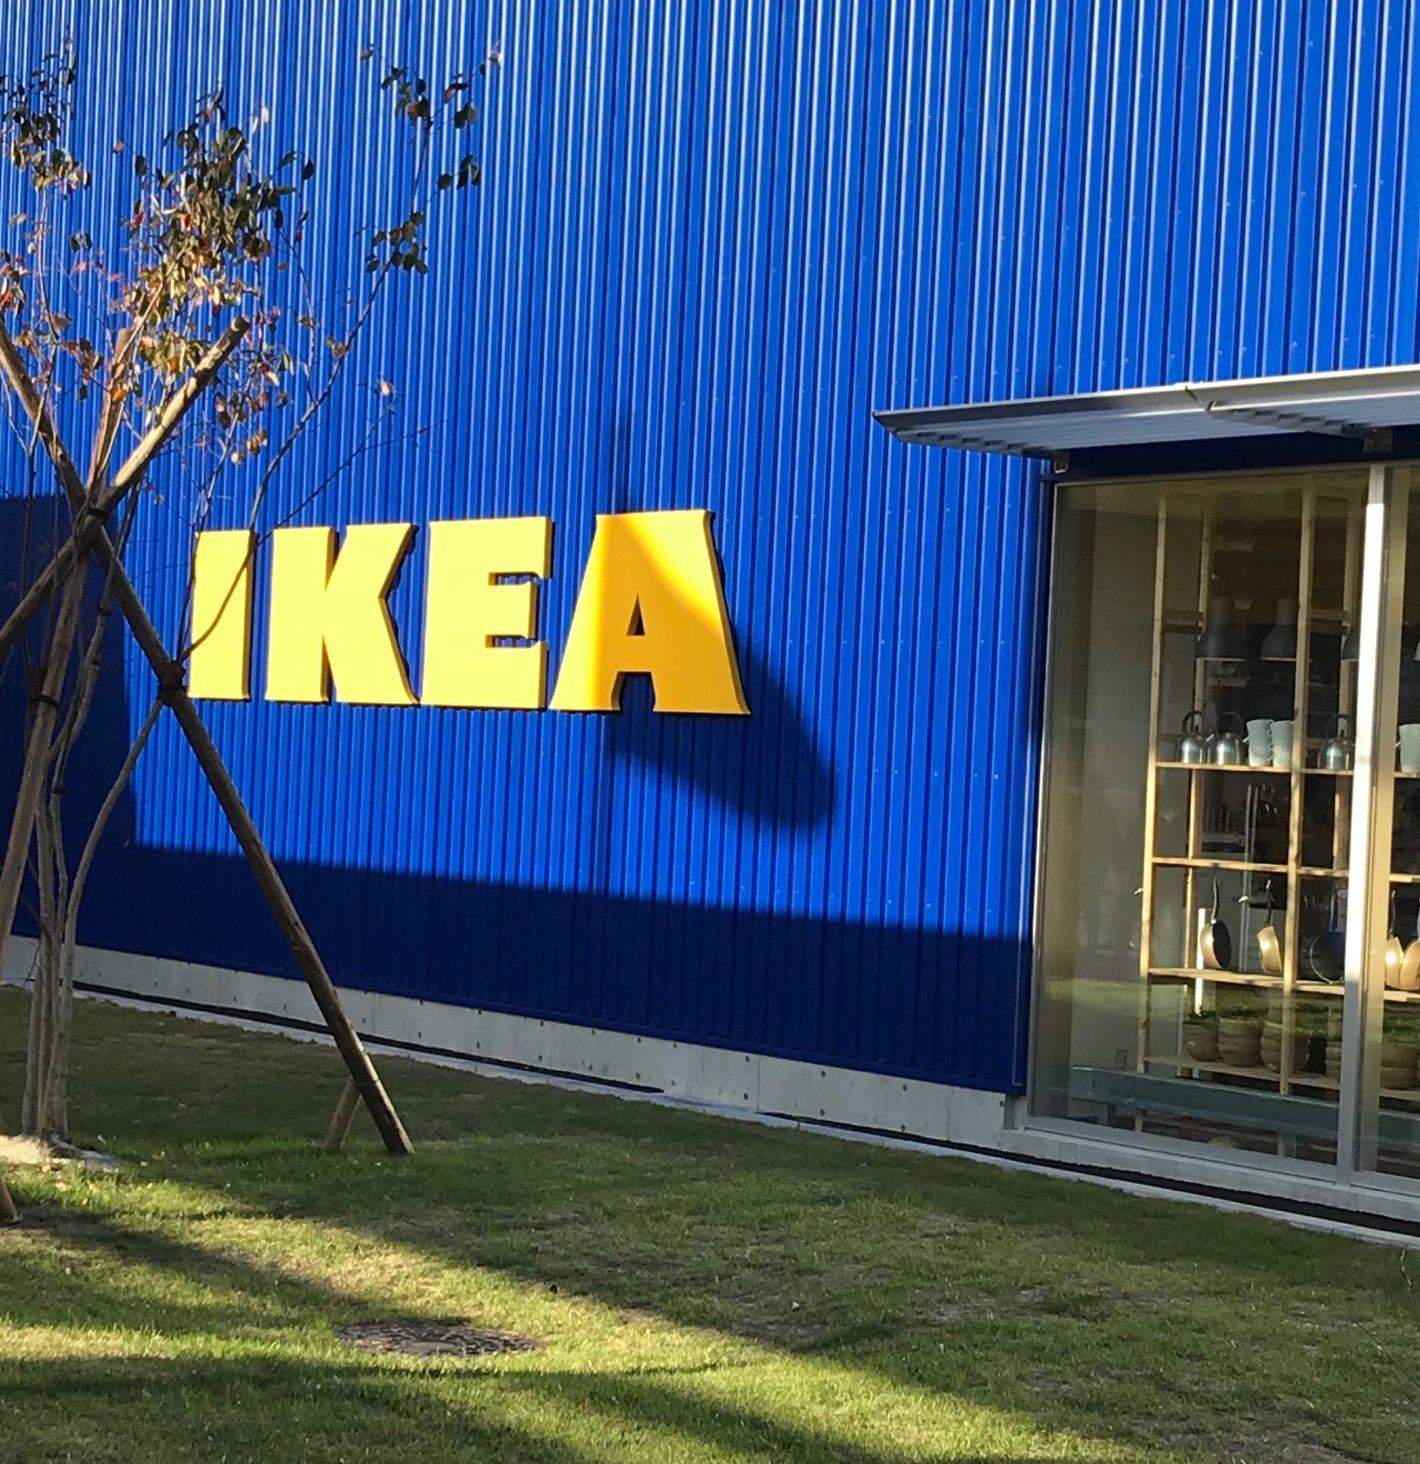 IKEA長久手のまとめ!アクセスや渋滞は?混雑状況やレストランは?ファミリーメンバーやクーポンについても!